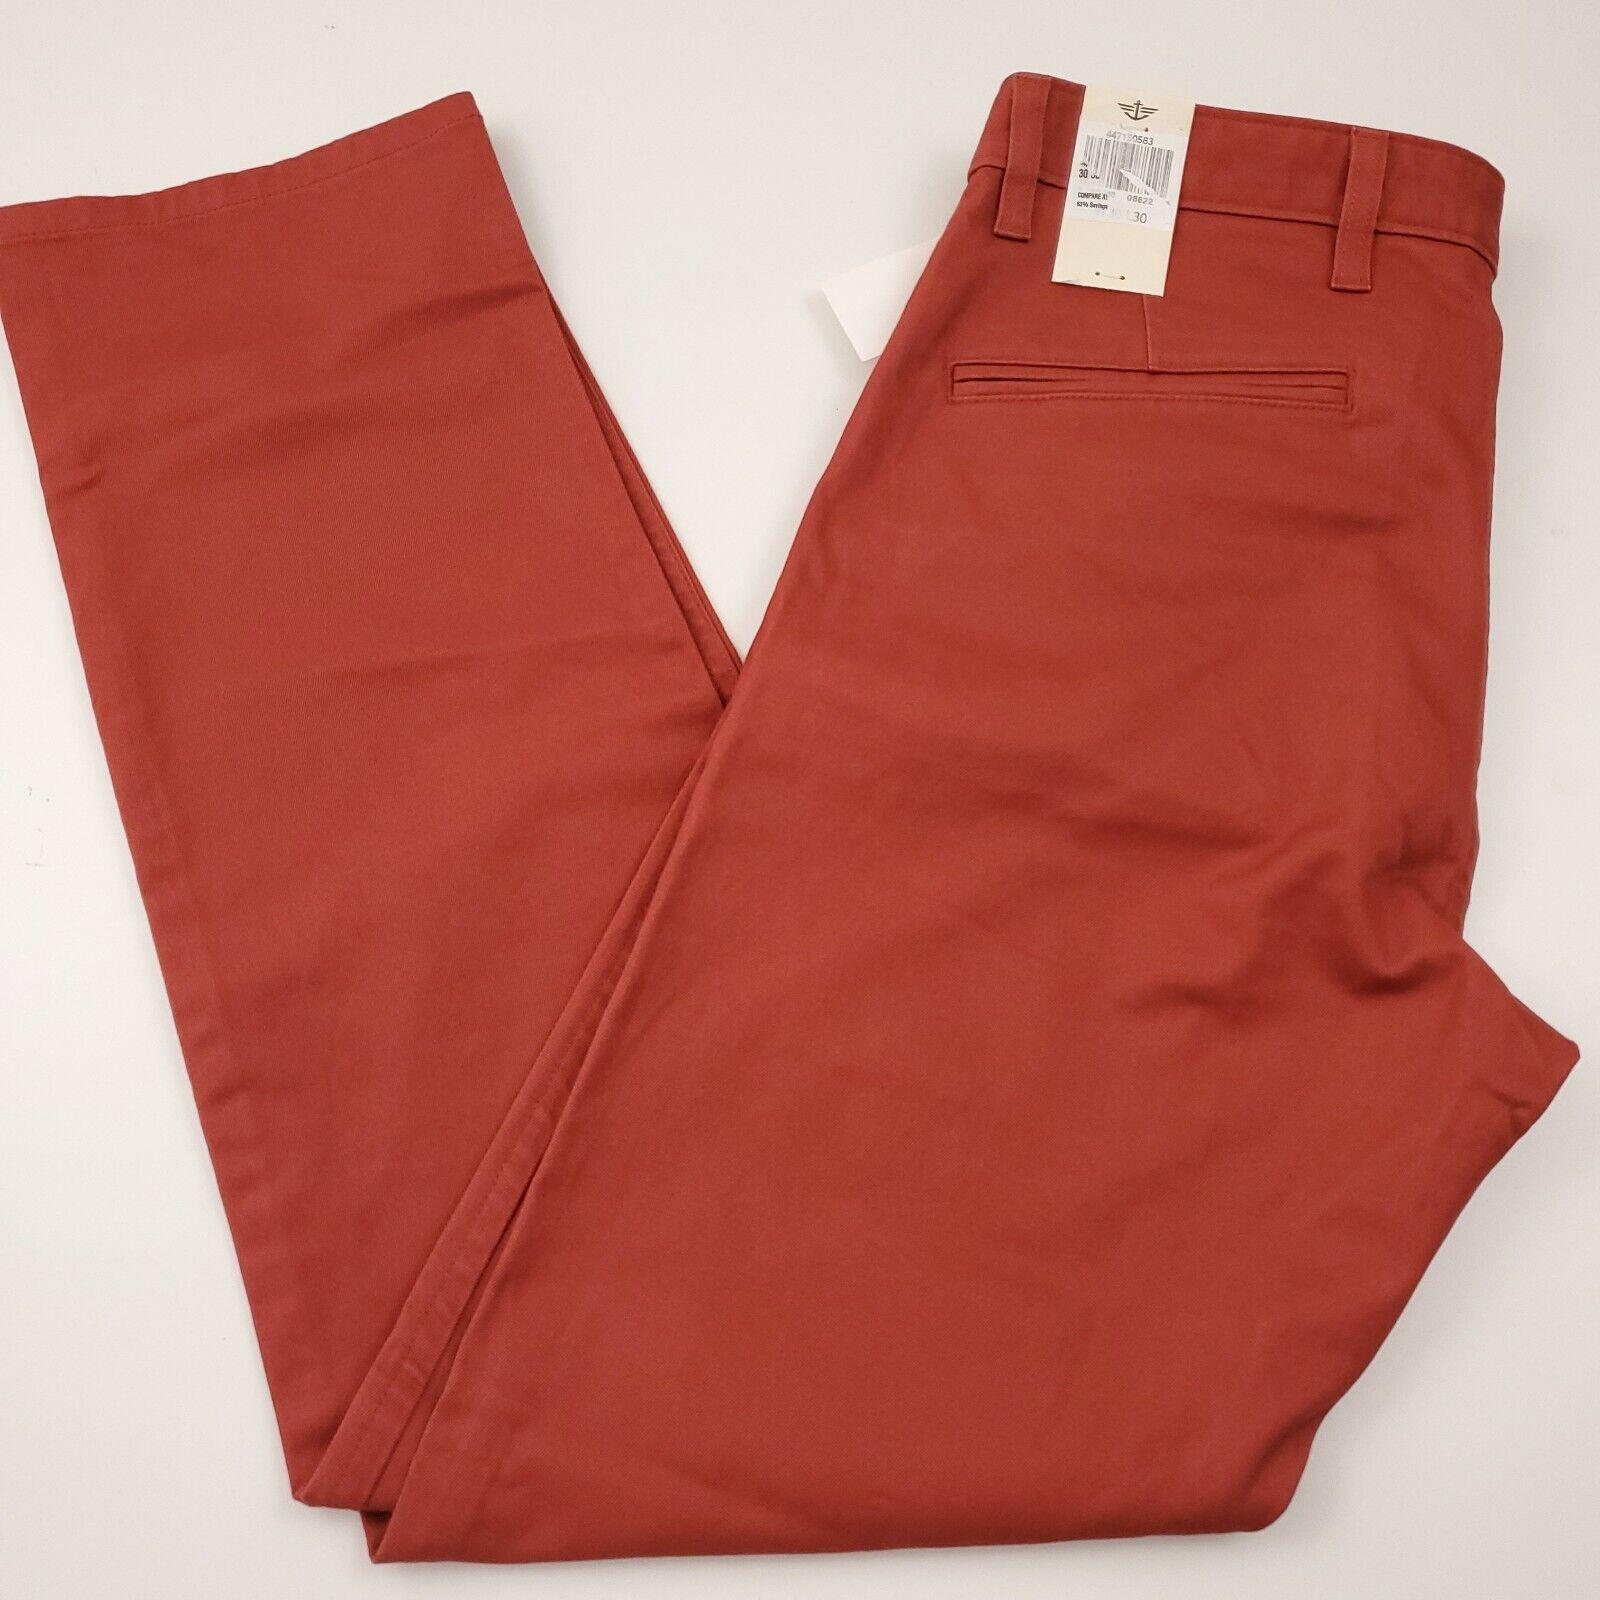 Dockers Men's Broken In Alpha Chino Pants Size 38 X 29 Slim